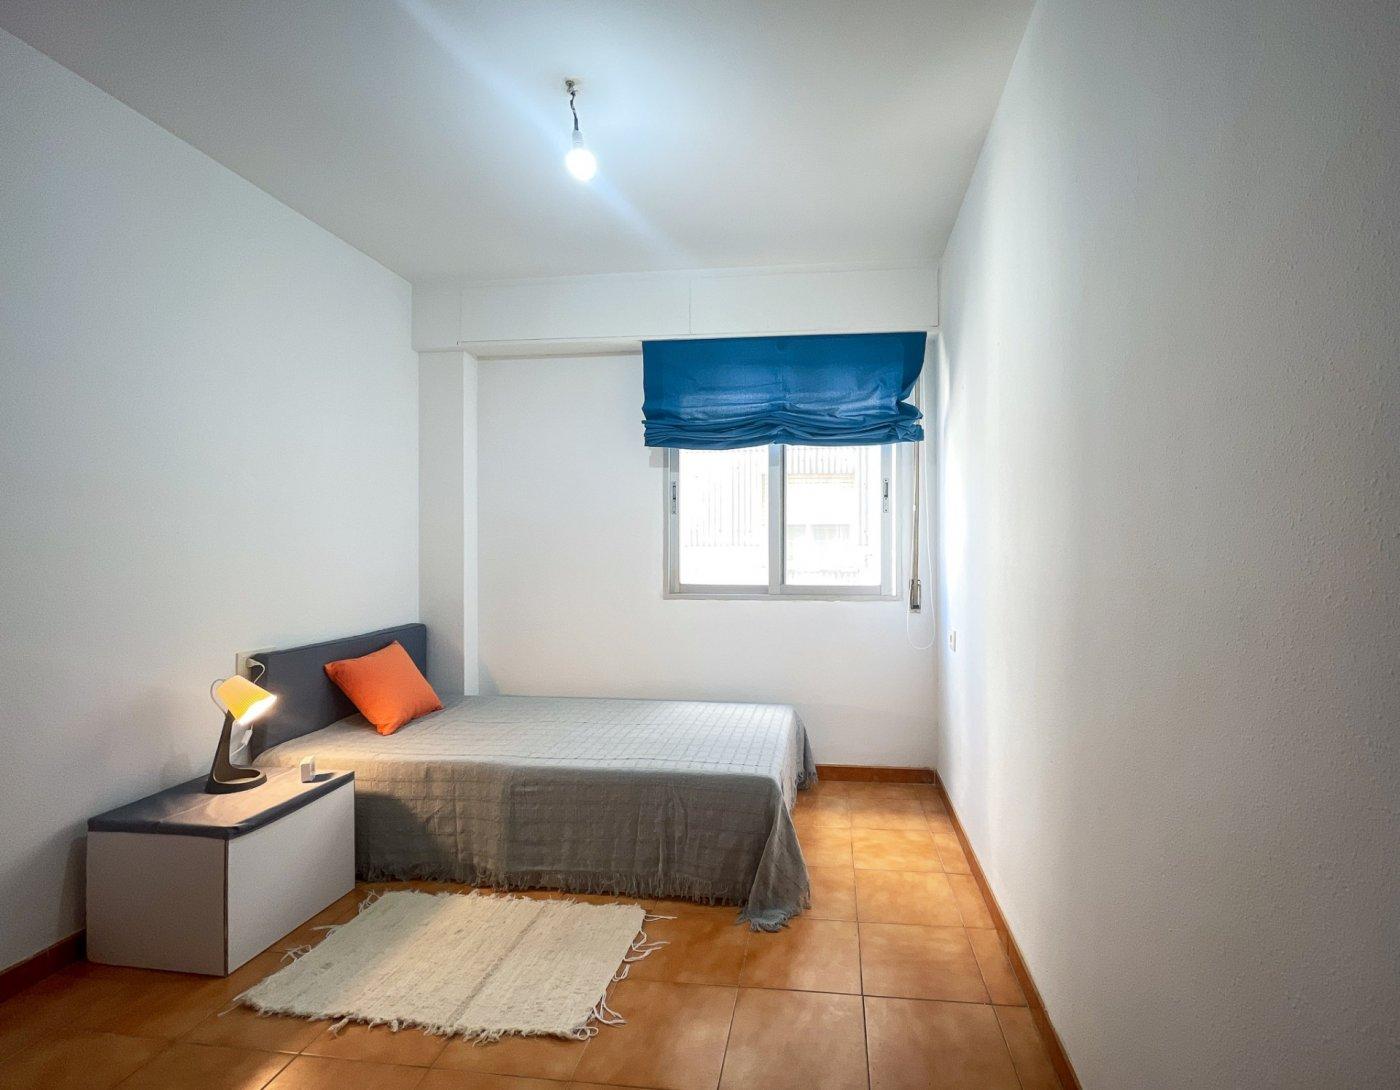 Estupendo piso muy soleado en plena avenida de la hispanidad de alcoy!! - imagenInmueble19